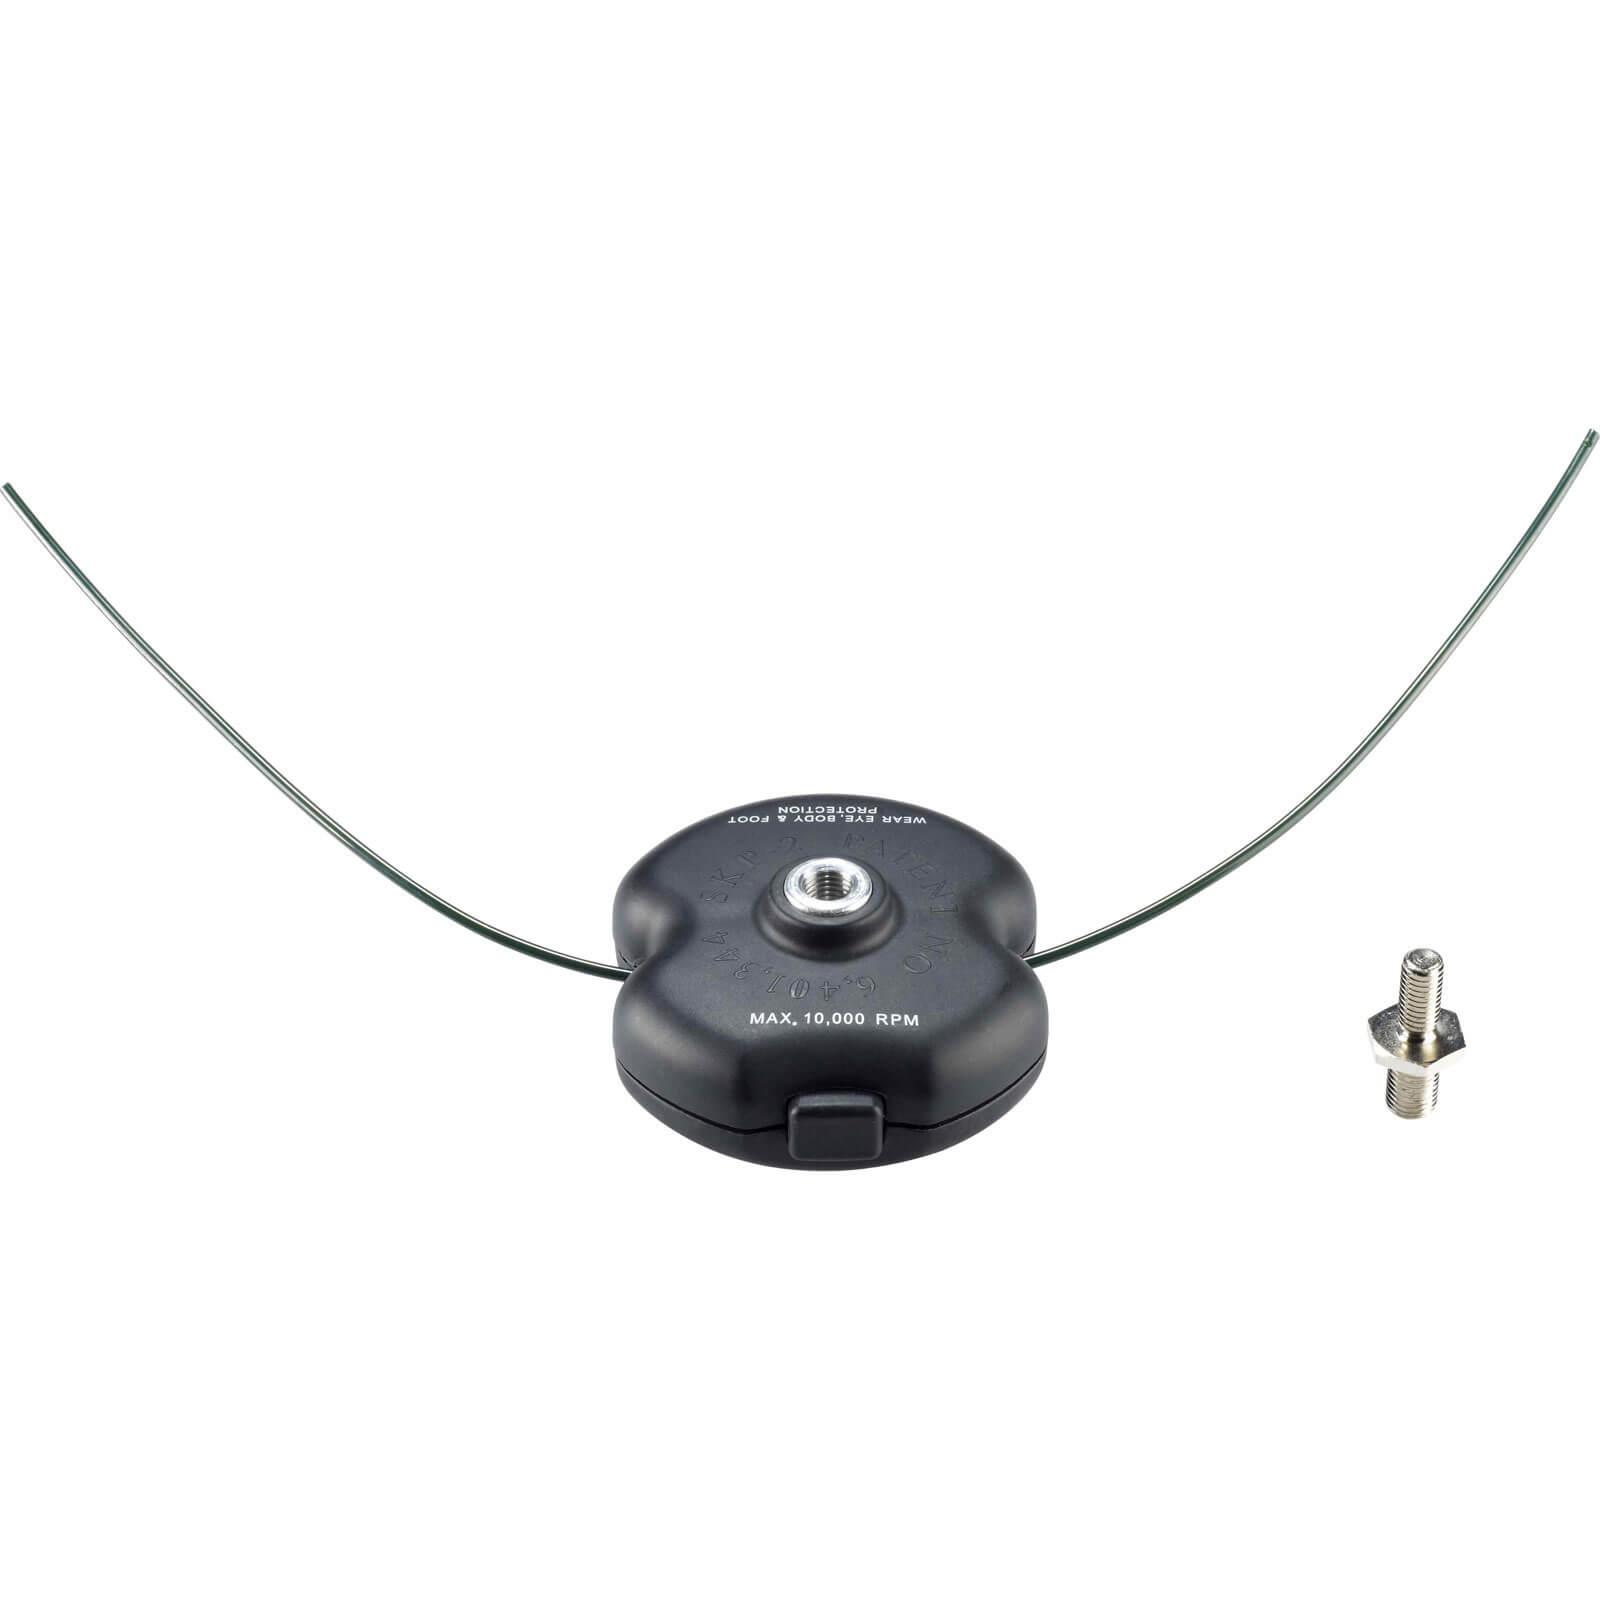 Ryobi RAC106 Easy Fit Head 10 x 2.7mm Lines for RBC52FSB, RBS52SB & RBS40SB Brush Cutters